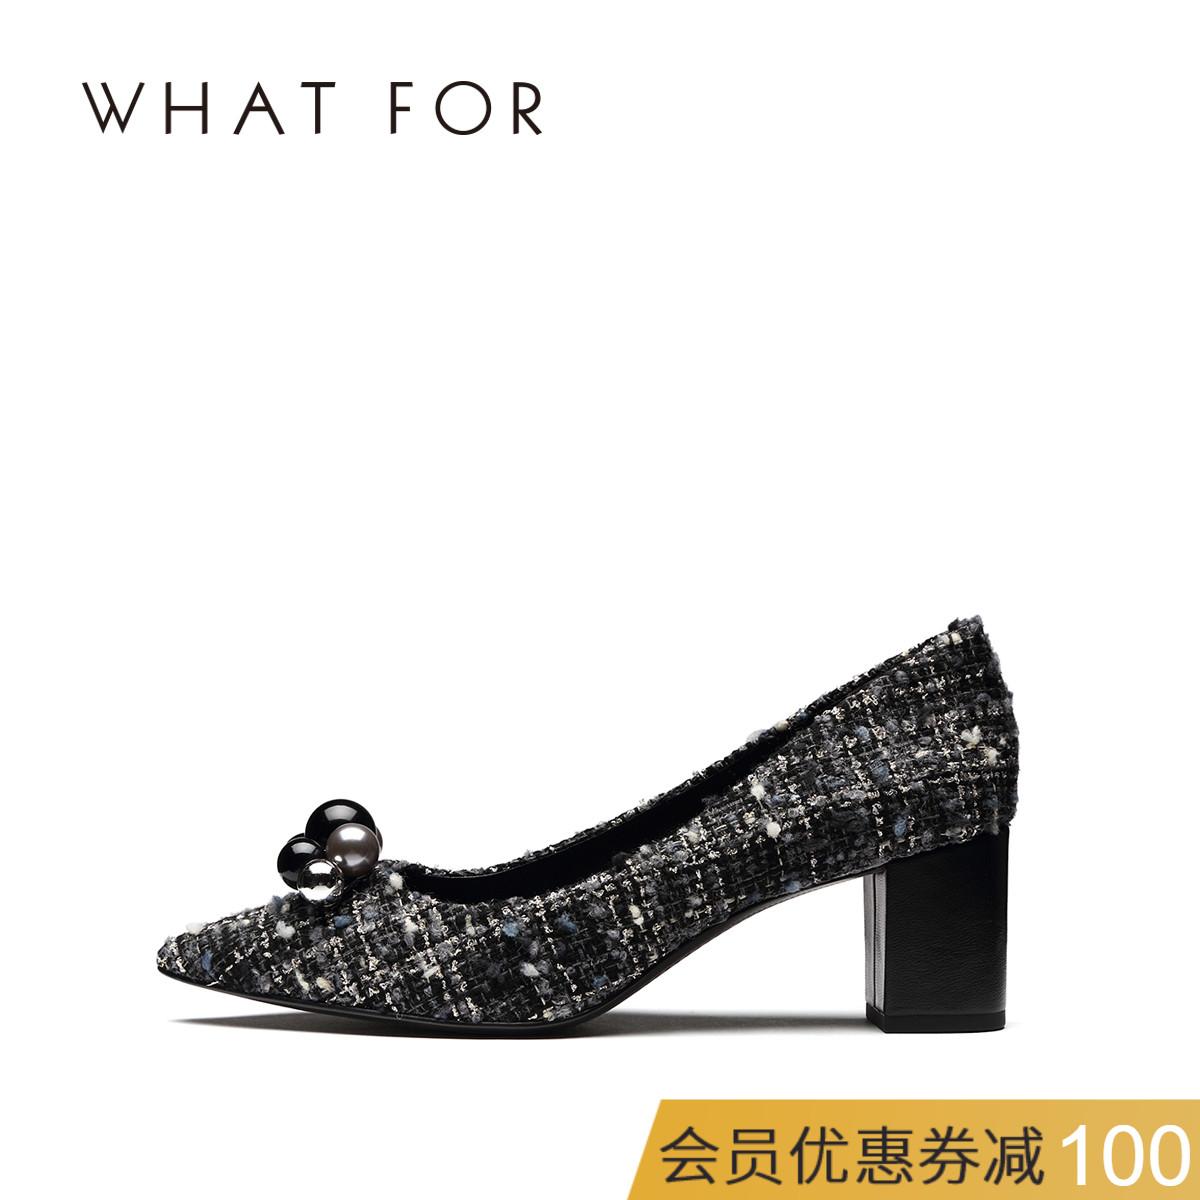 WHAT FOR2018秋季新款羊皮漆皮浅口尖头珍珠时尚粗高跟女婚鞋单鞋